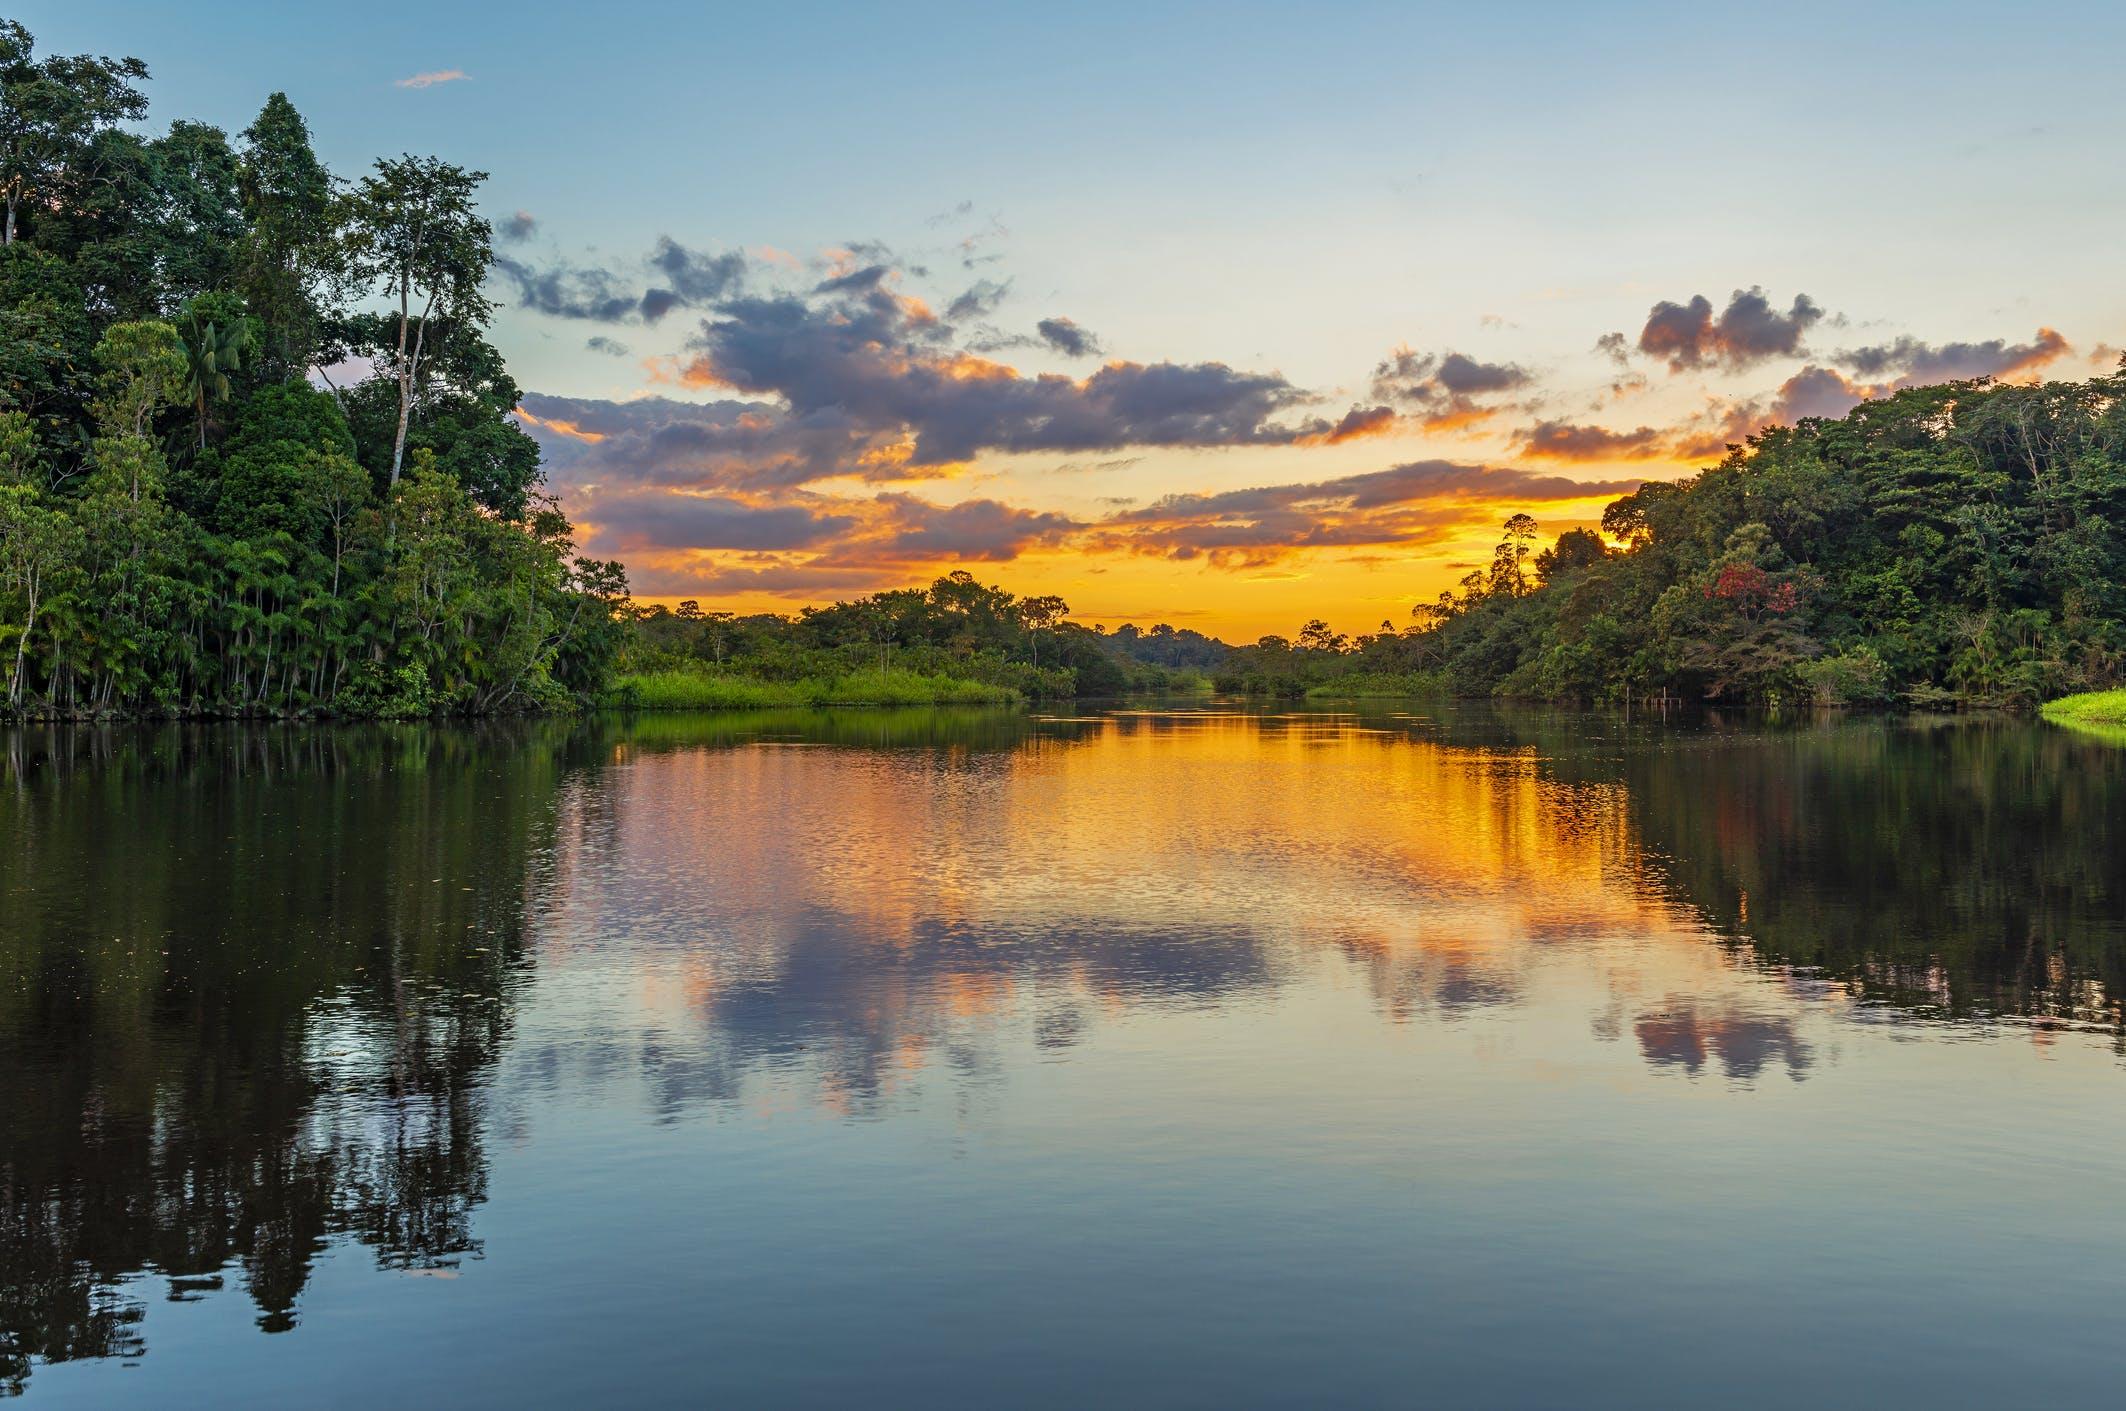 Betoverende zonsondergangen in het regenwoud